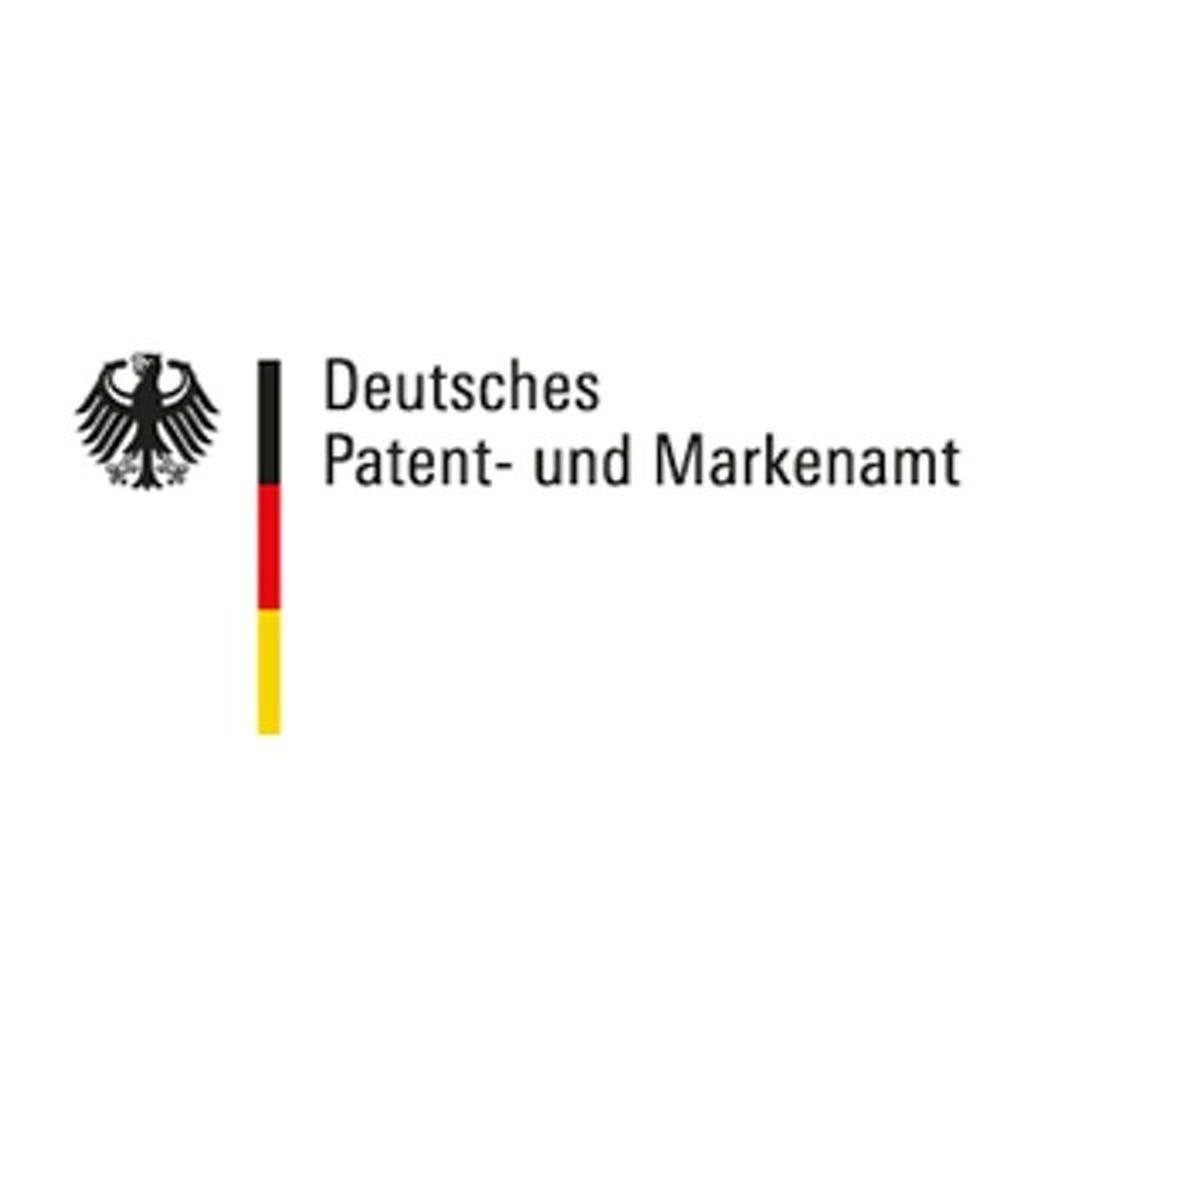 Sachbearbeiterin / Sachbearbeiter Softwareentwicklung (m, w, div)